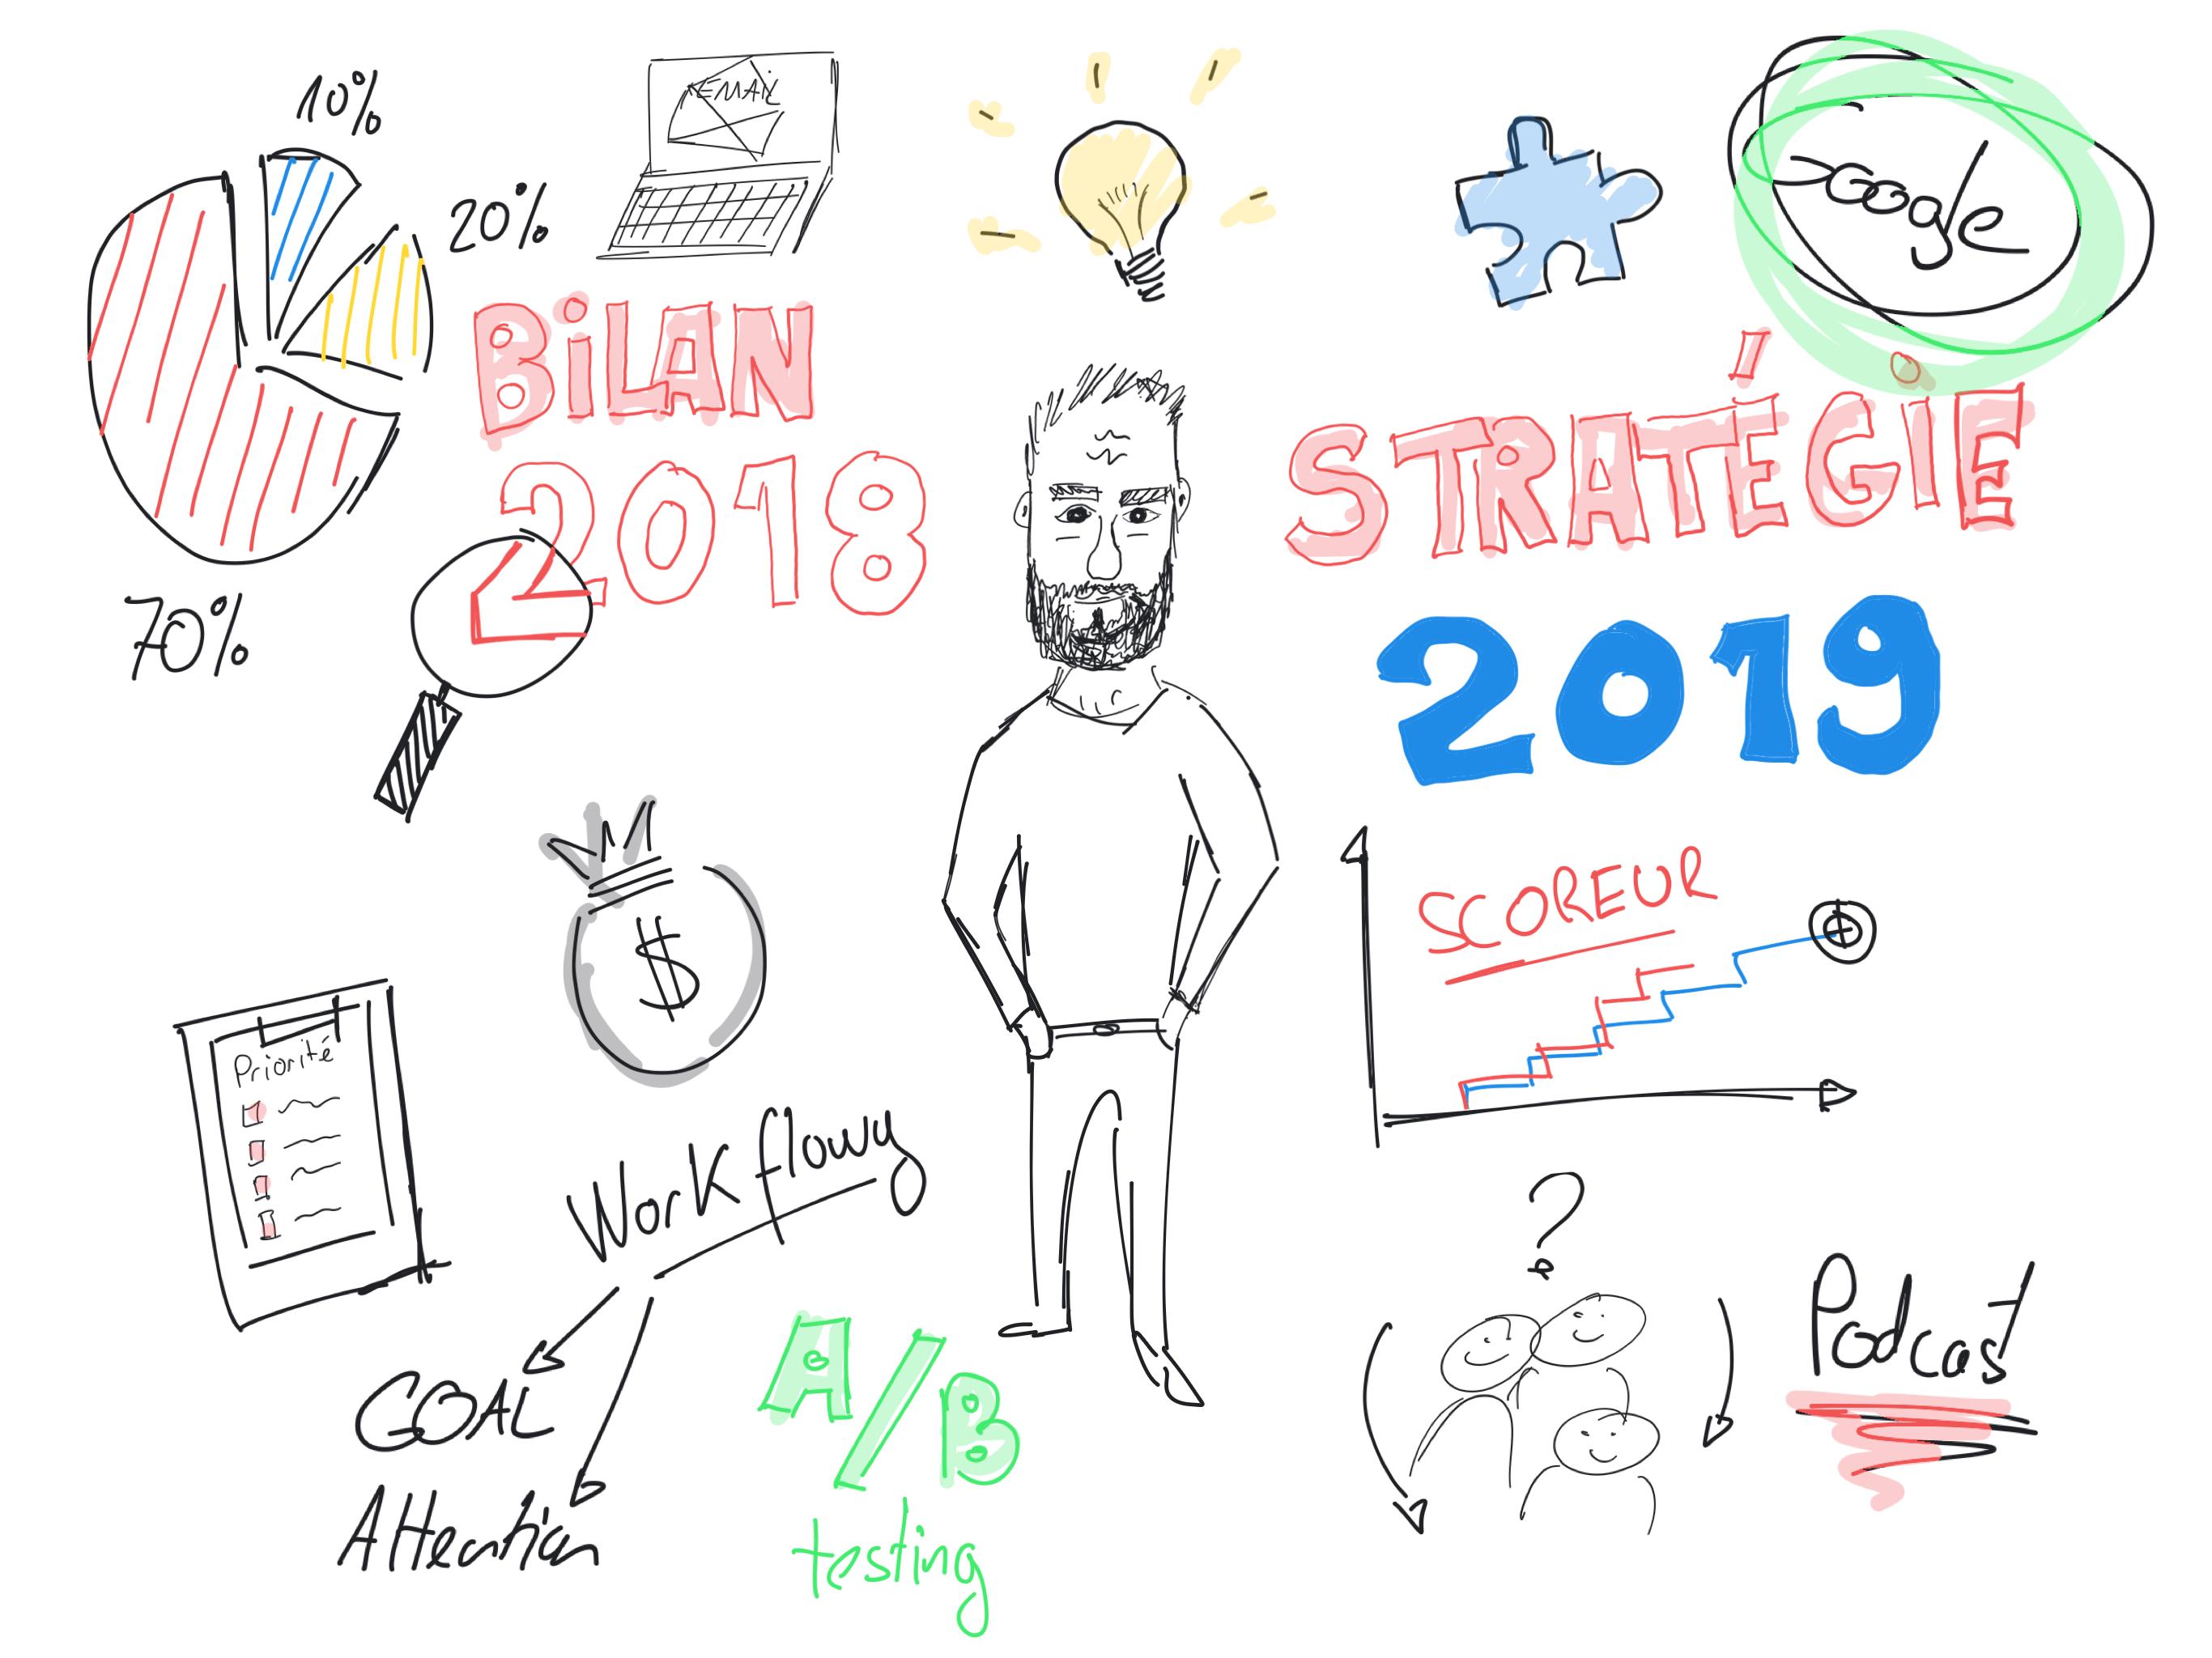 Bilan 2018 objectif 2019